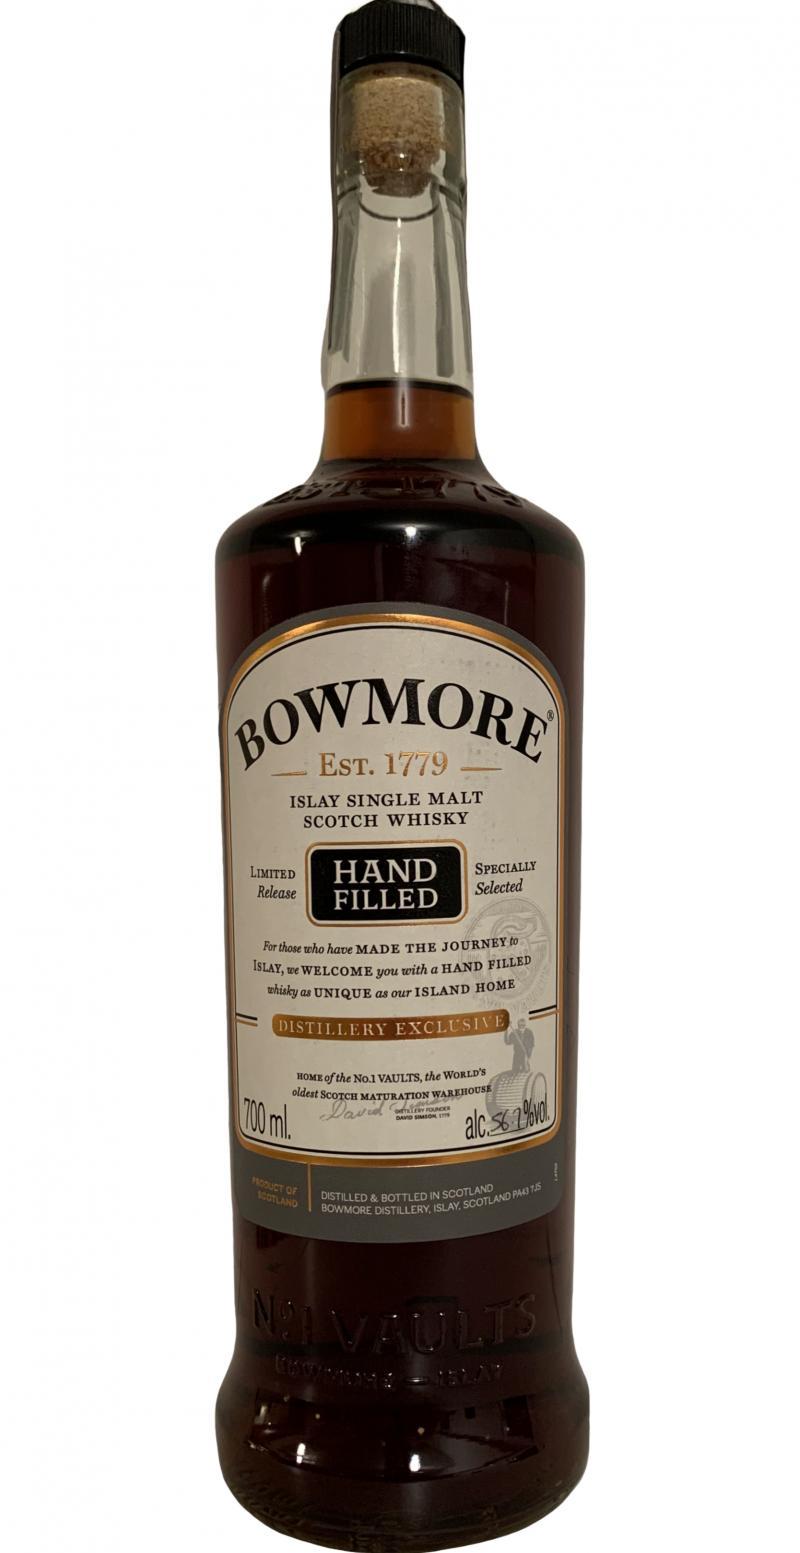 Bowmore 2001